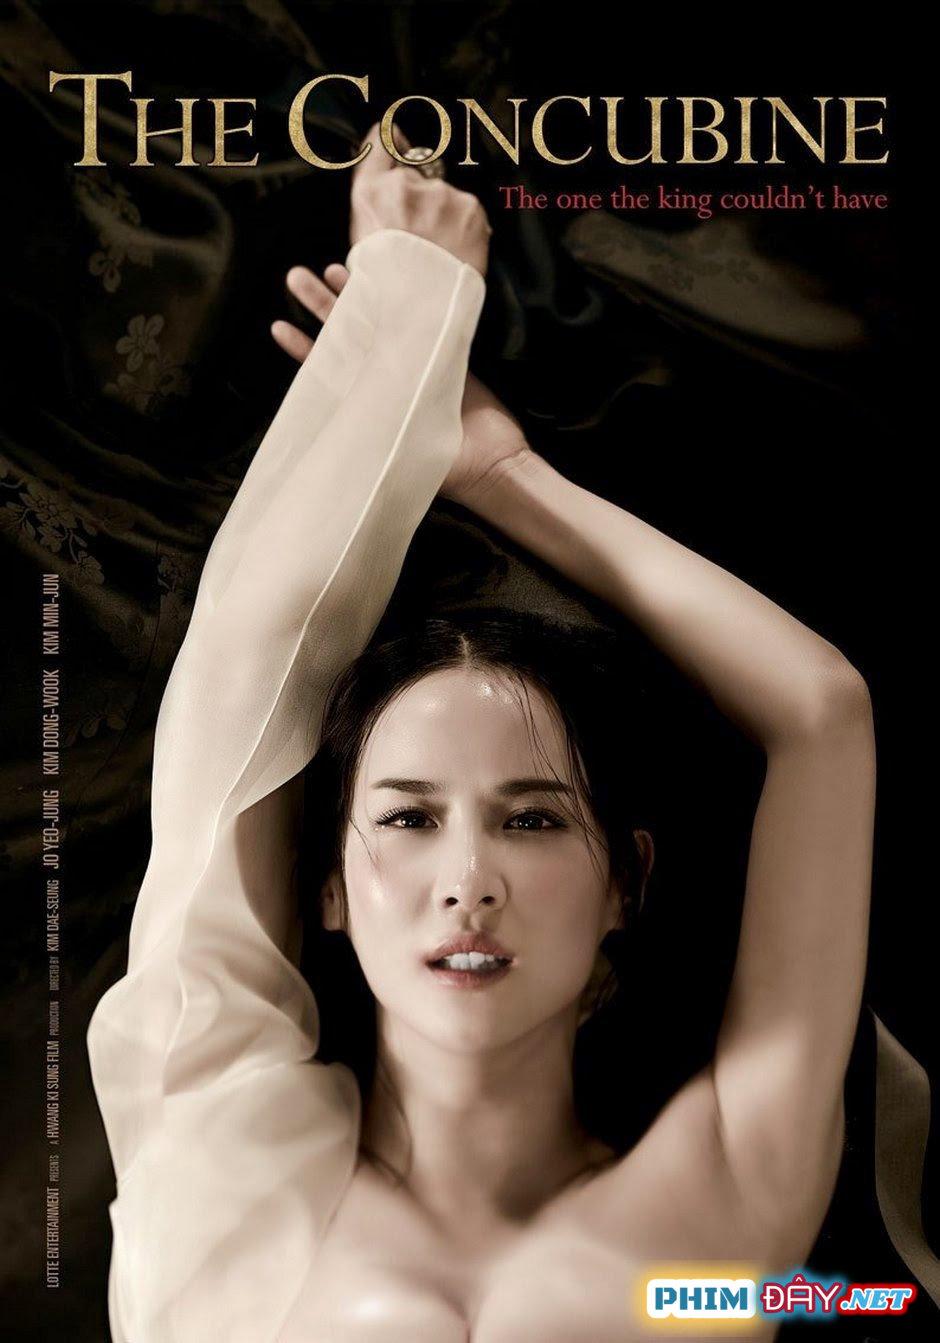 Tình Ái Vương Phi (HẬU CUNG) - The Concubine (2012)